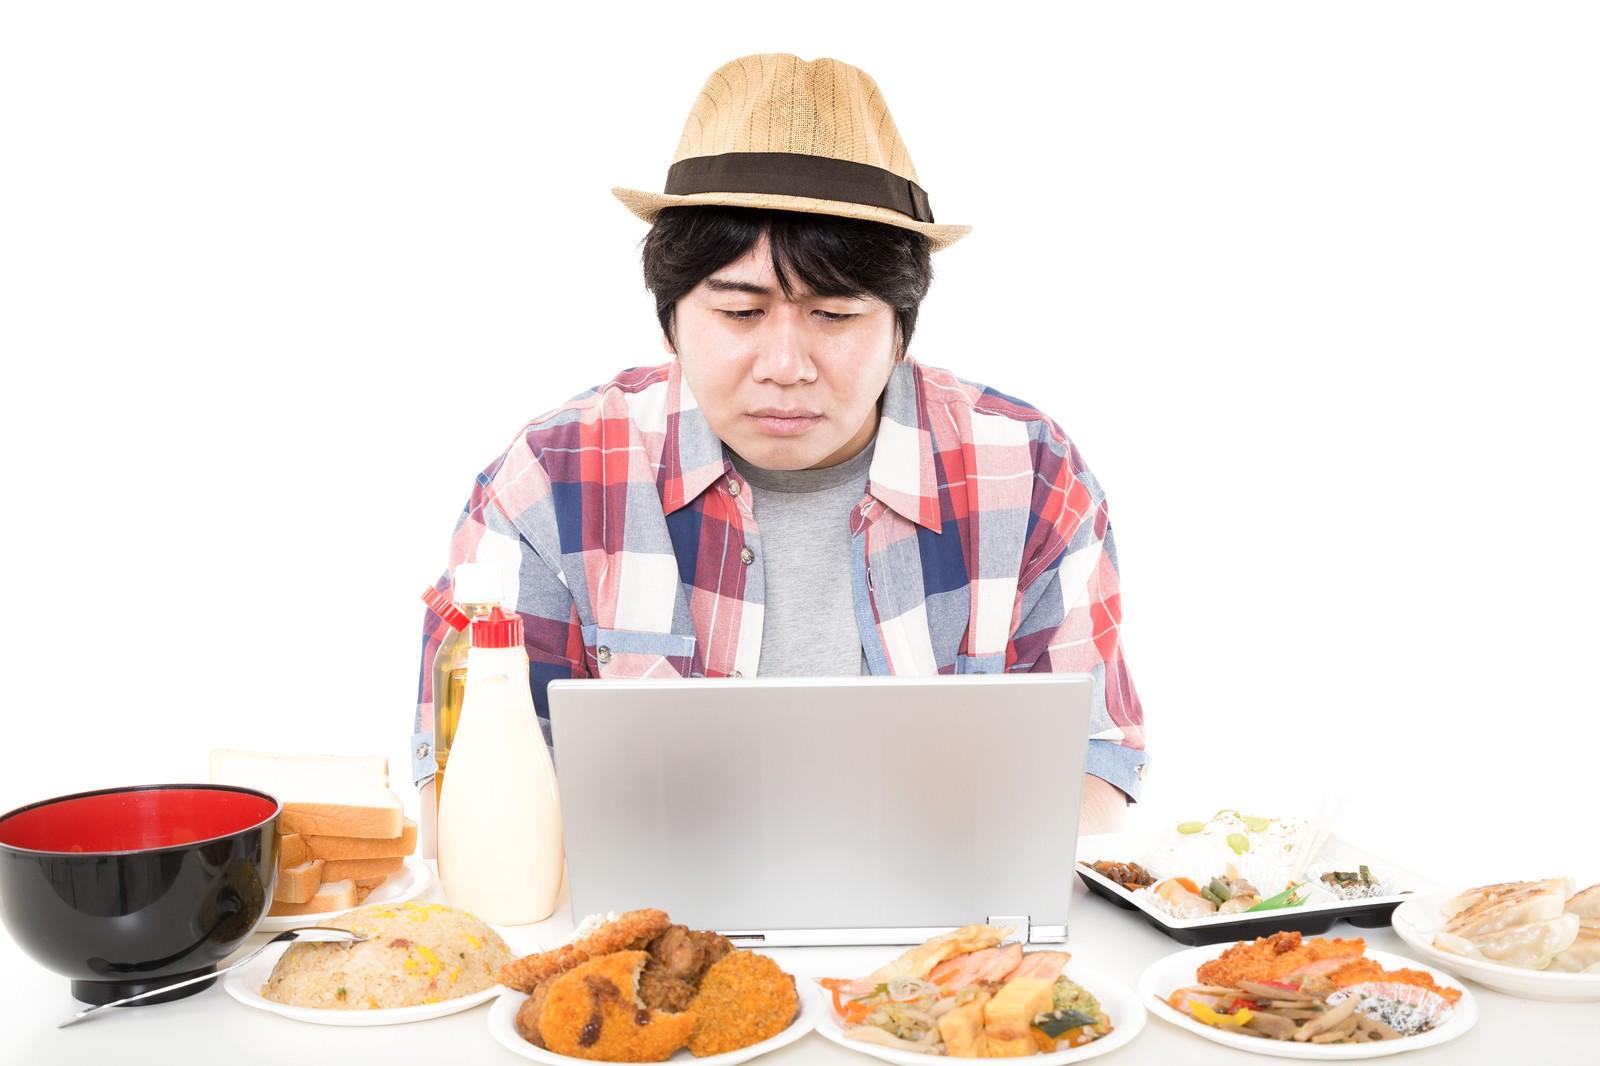 「周りにある食事が気になって仕事が手に付かないインテリ肥満」の写真[モデル:あまのじゃく]